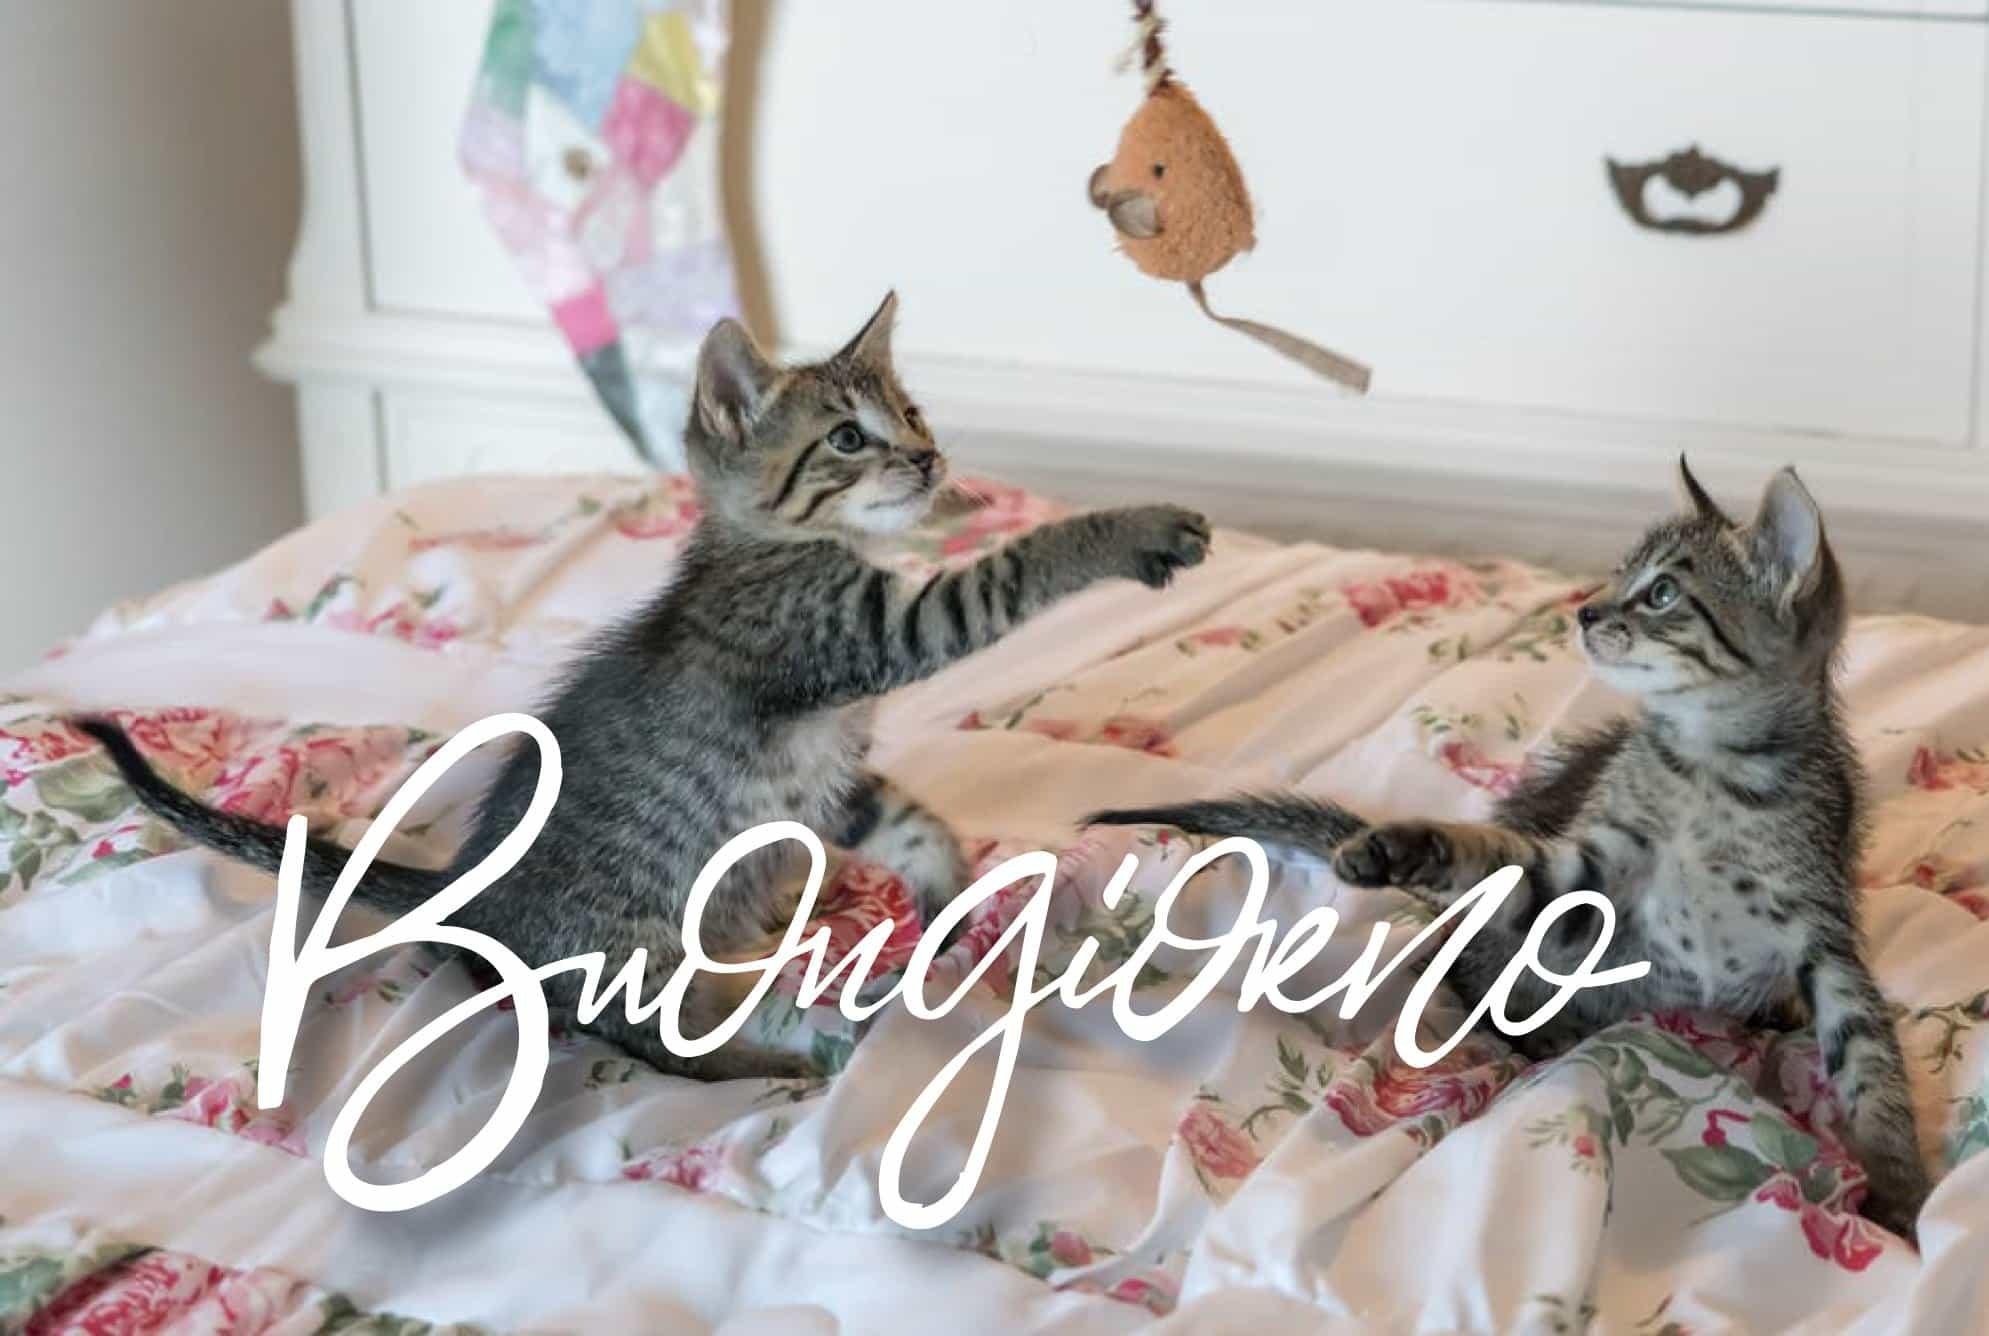 Immagini buongiorno gratis belle con i gatti